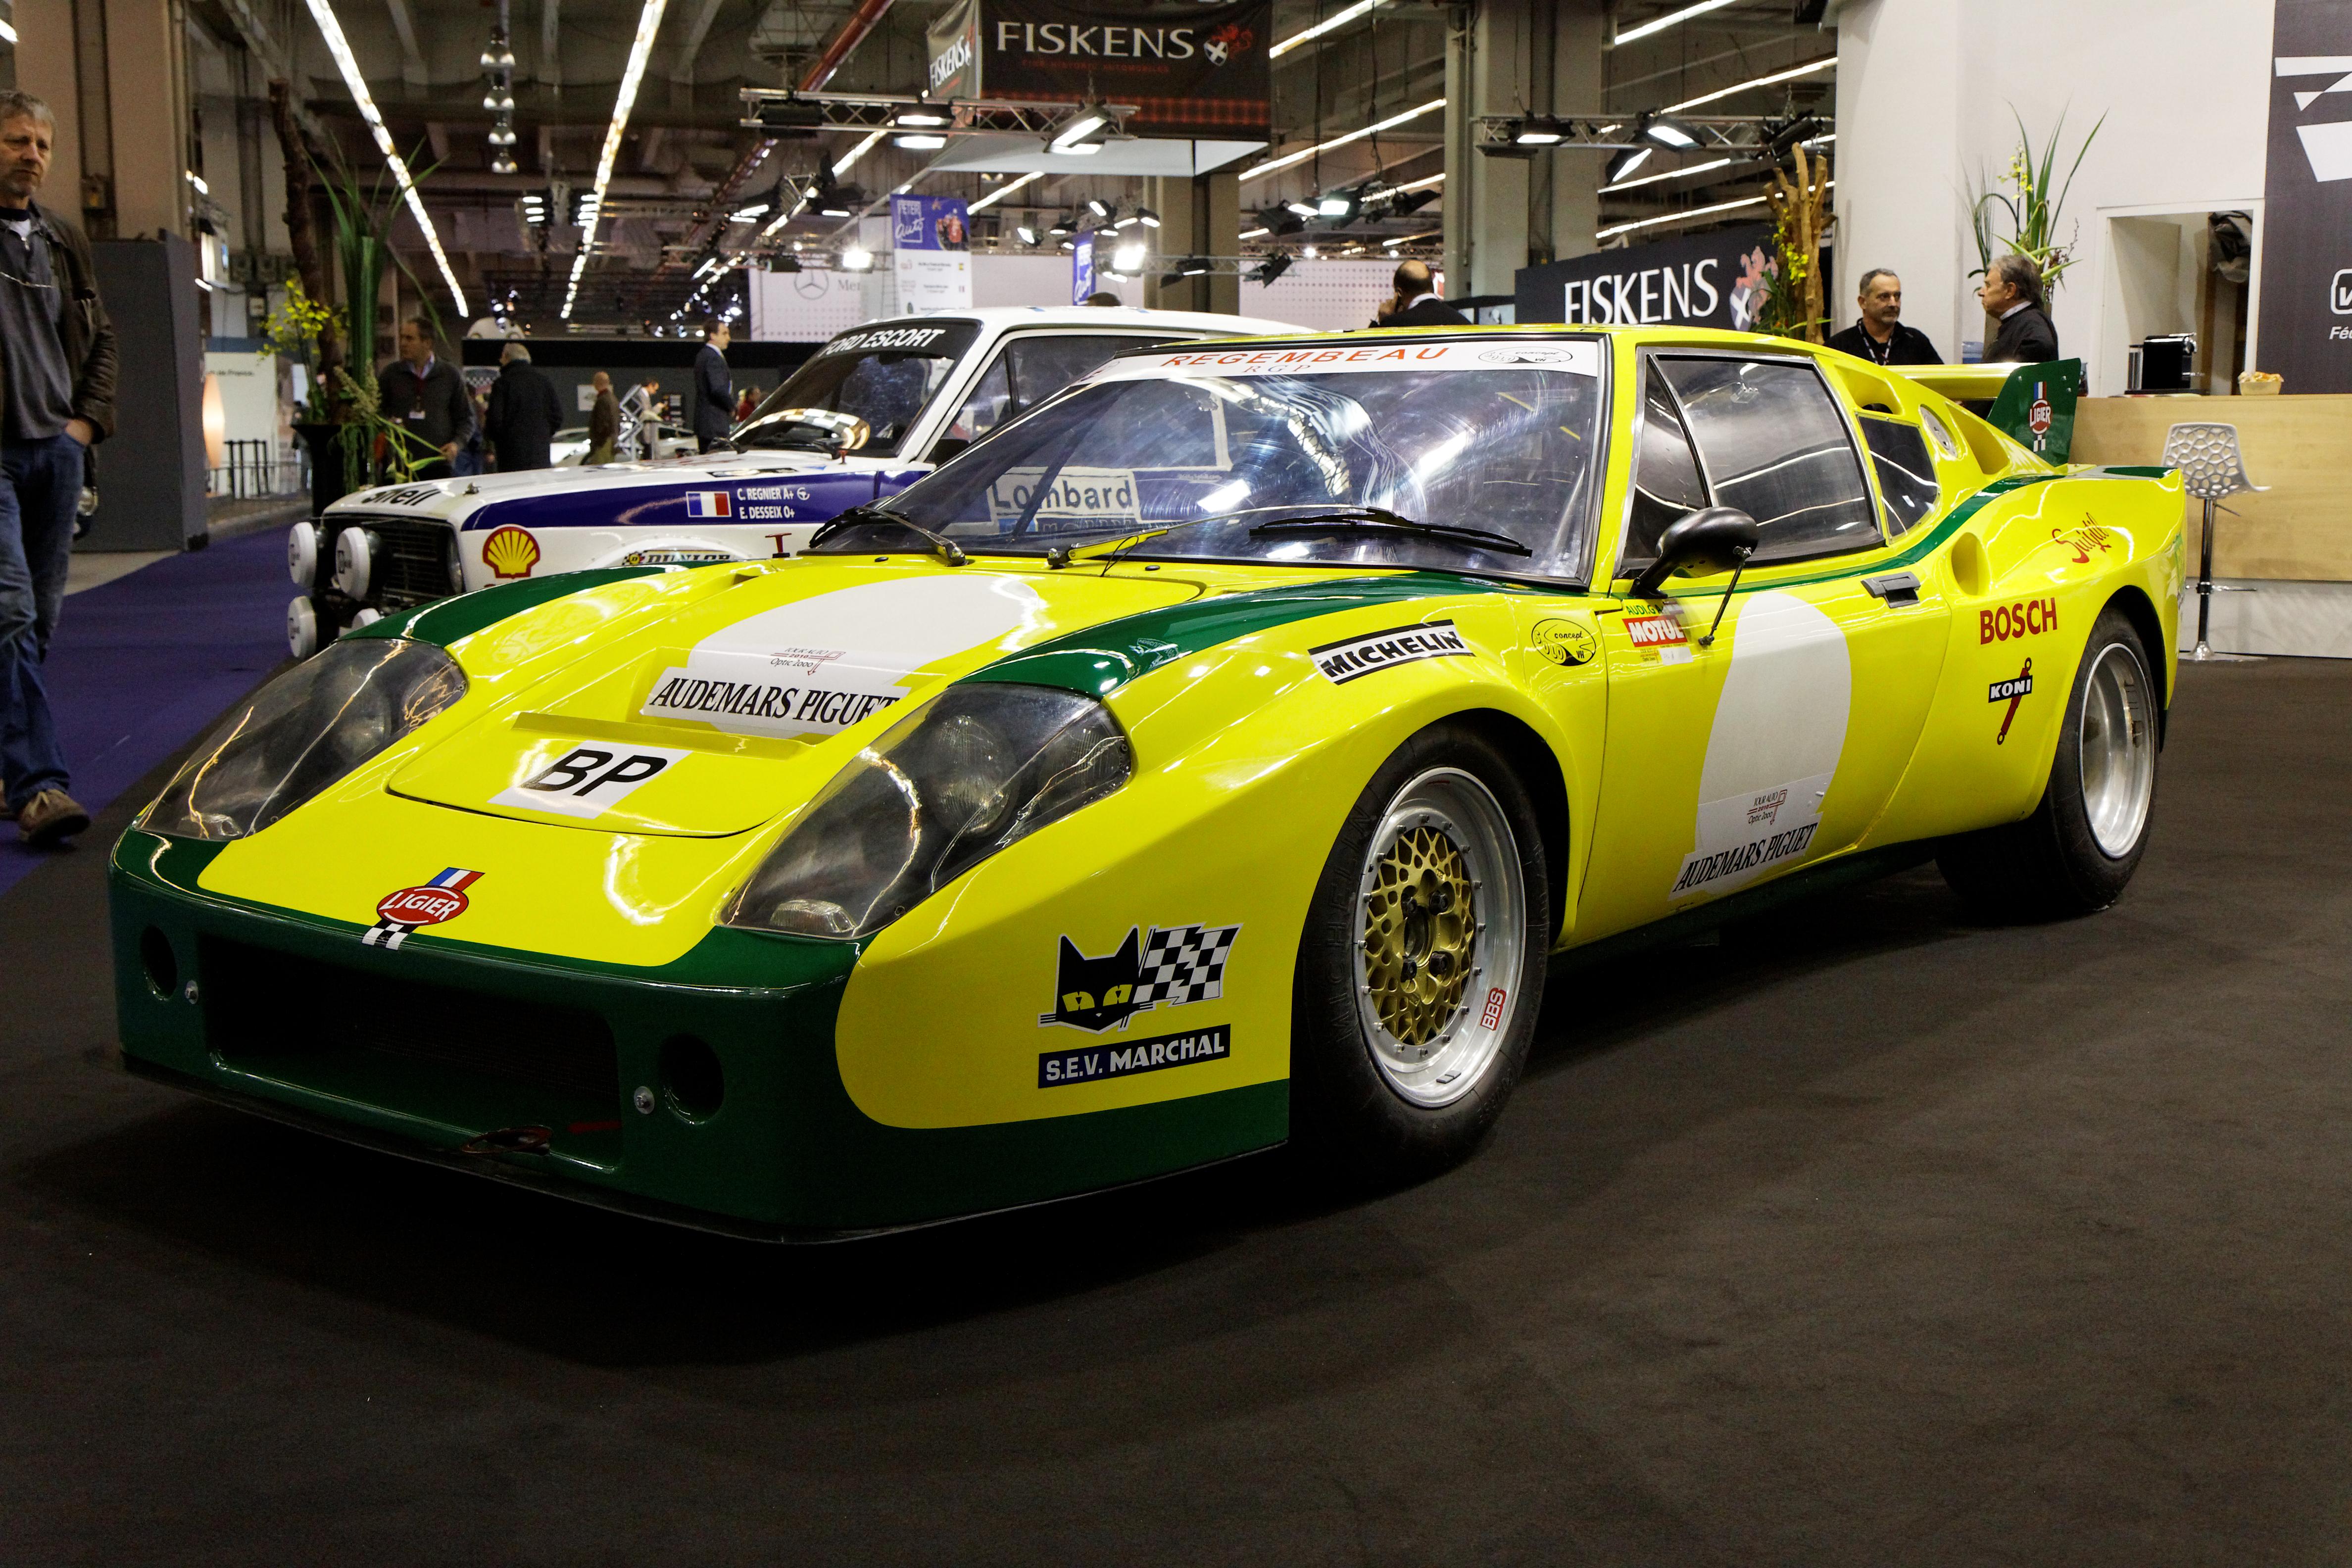 R%C3%A9tromobile_2011_-_Ligier-Maserati_JS2_-_005.jpg